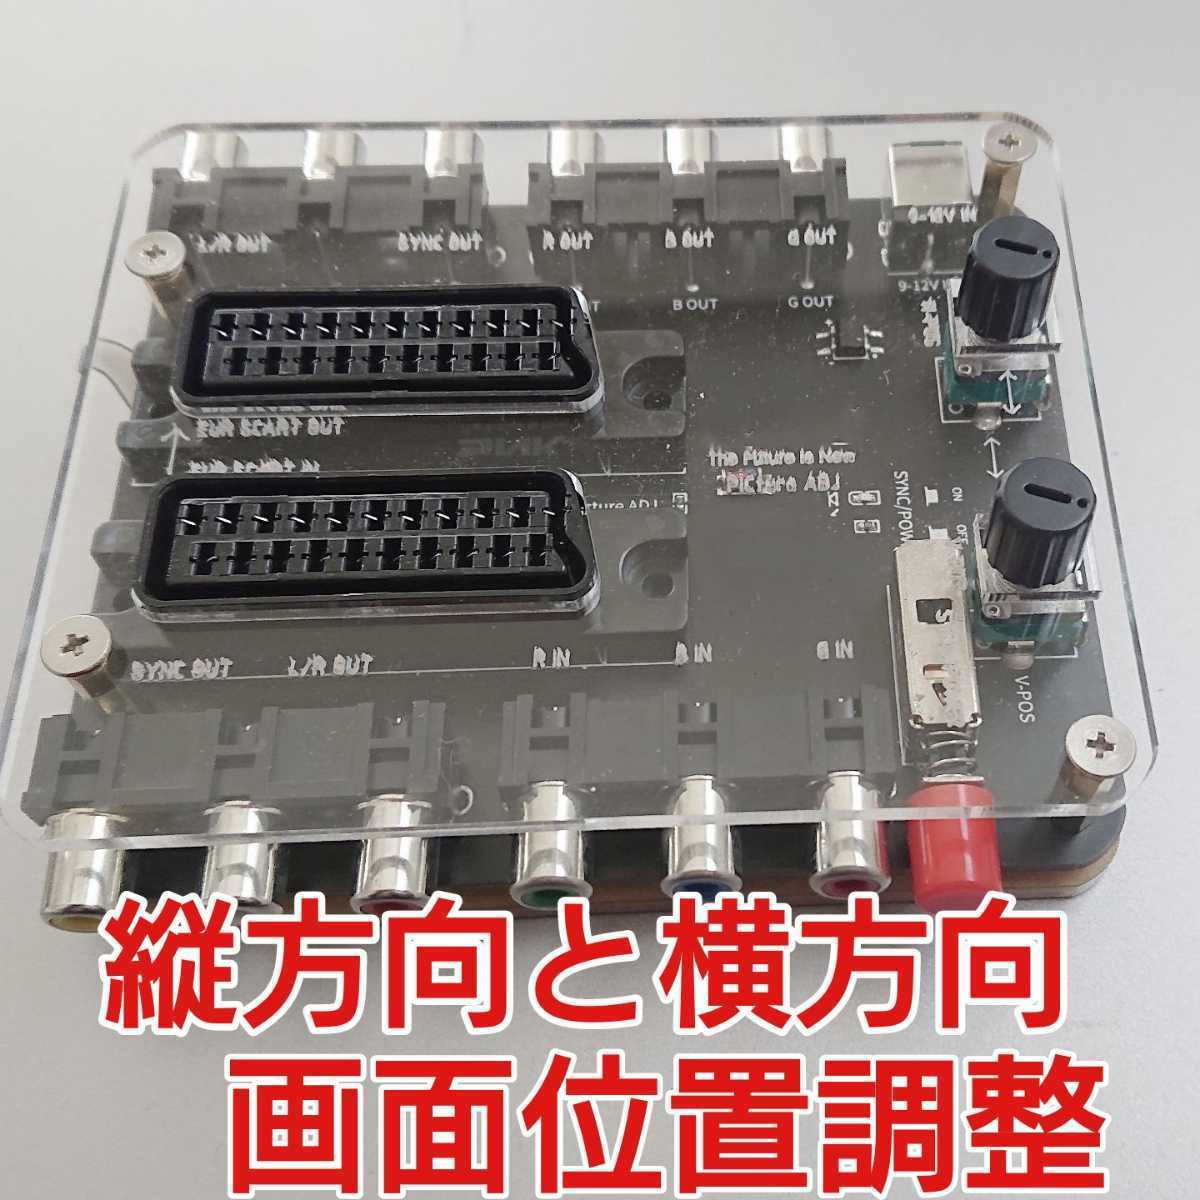 メガドライブ2対応画面位置調整基板 15khz対応 SCART規格のケーブルに対応 MD2対応 非RGB21ピン 位置調節 位置調整